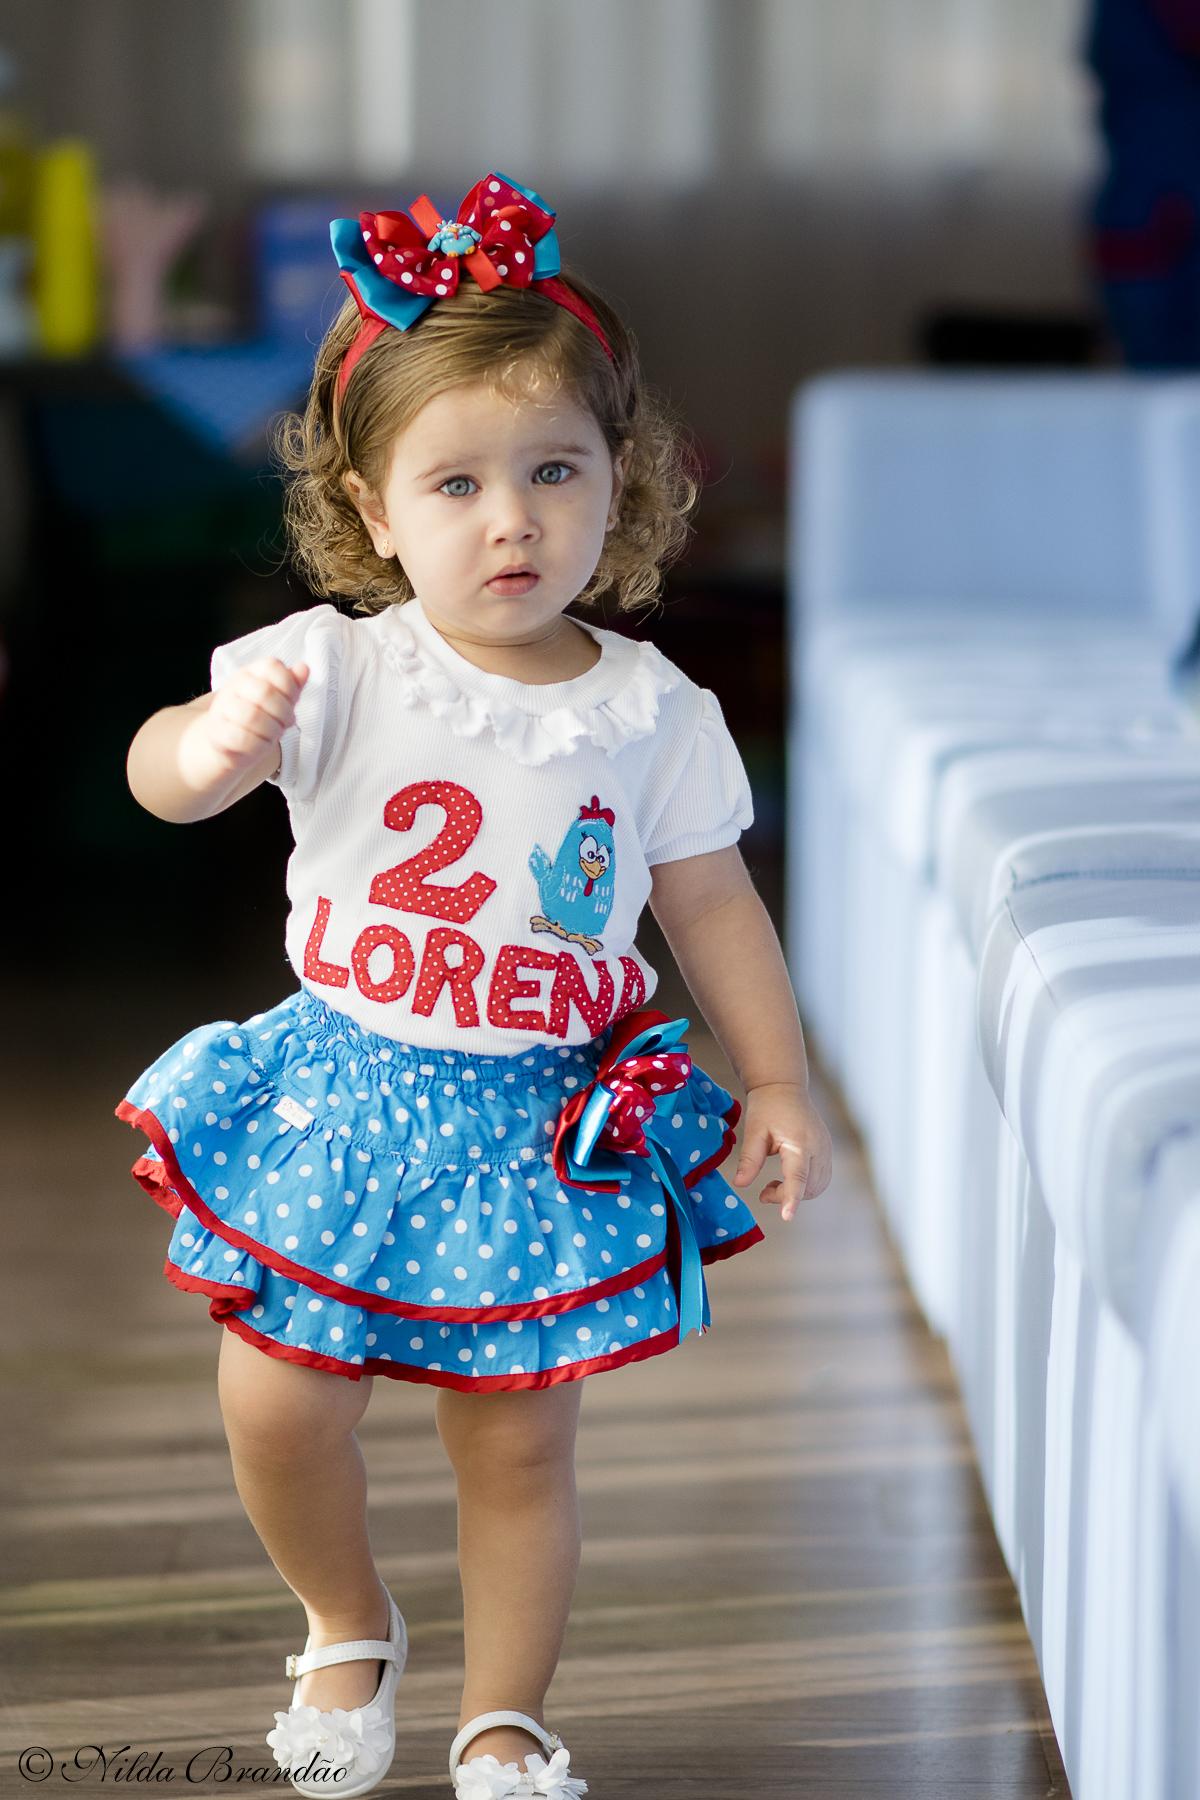 Lorena desfilando na sua festinha